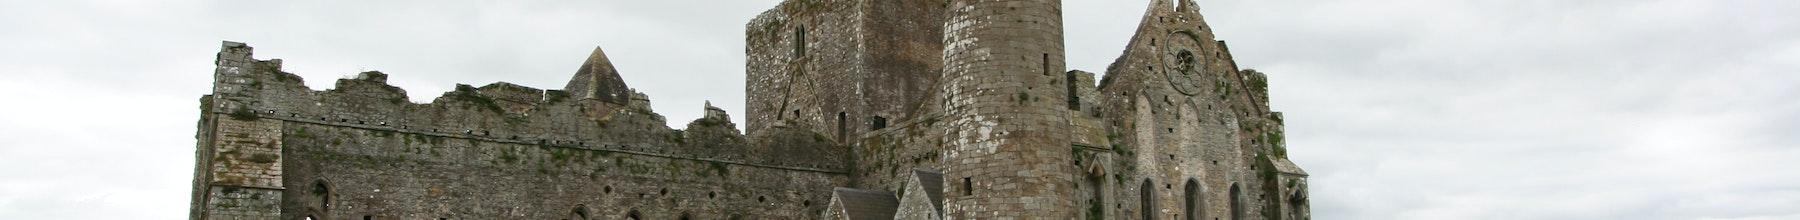 Cashel of the Kings